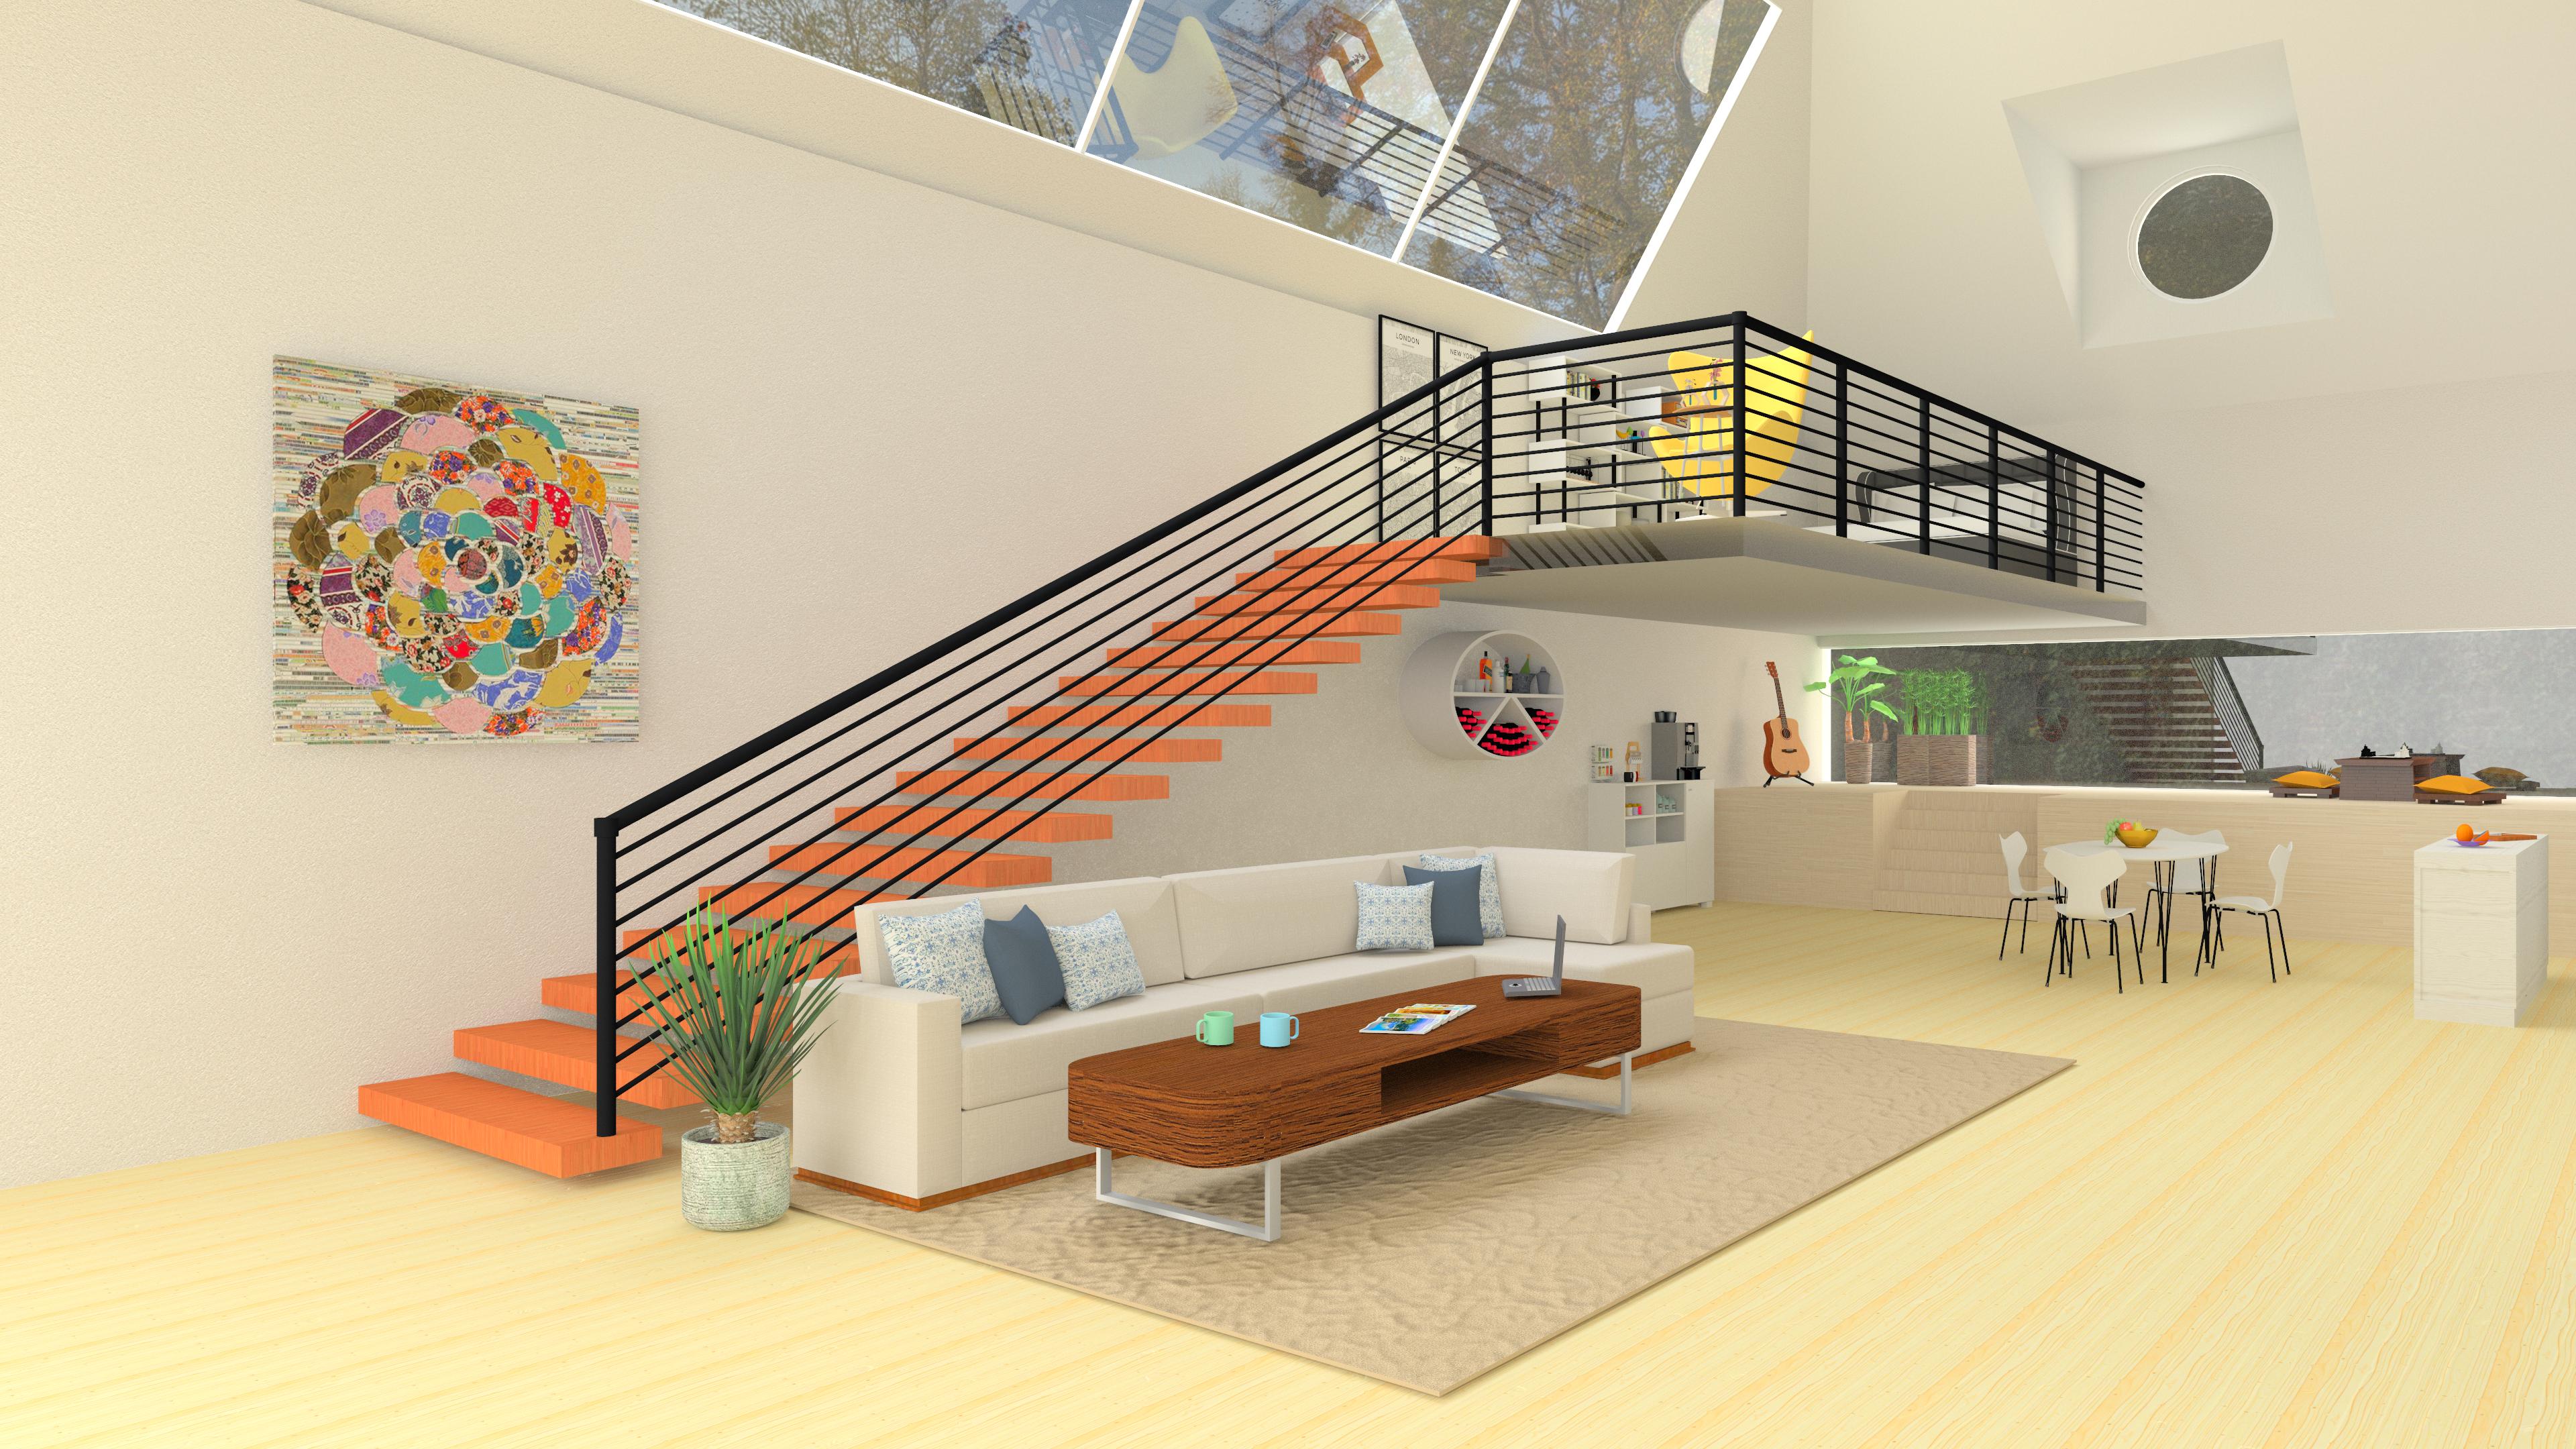 Räume selber planen: Einen Versuch wert? Raumplanung pCon.planner